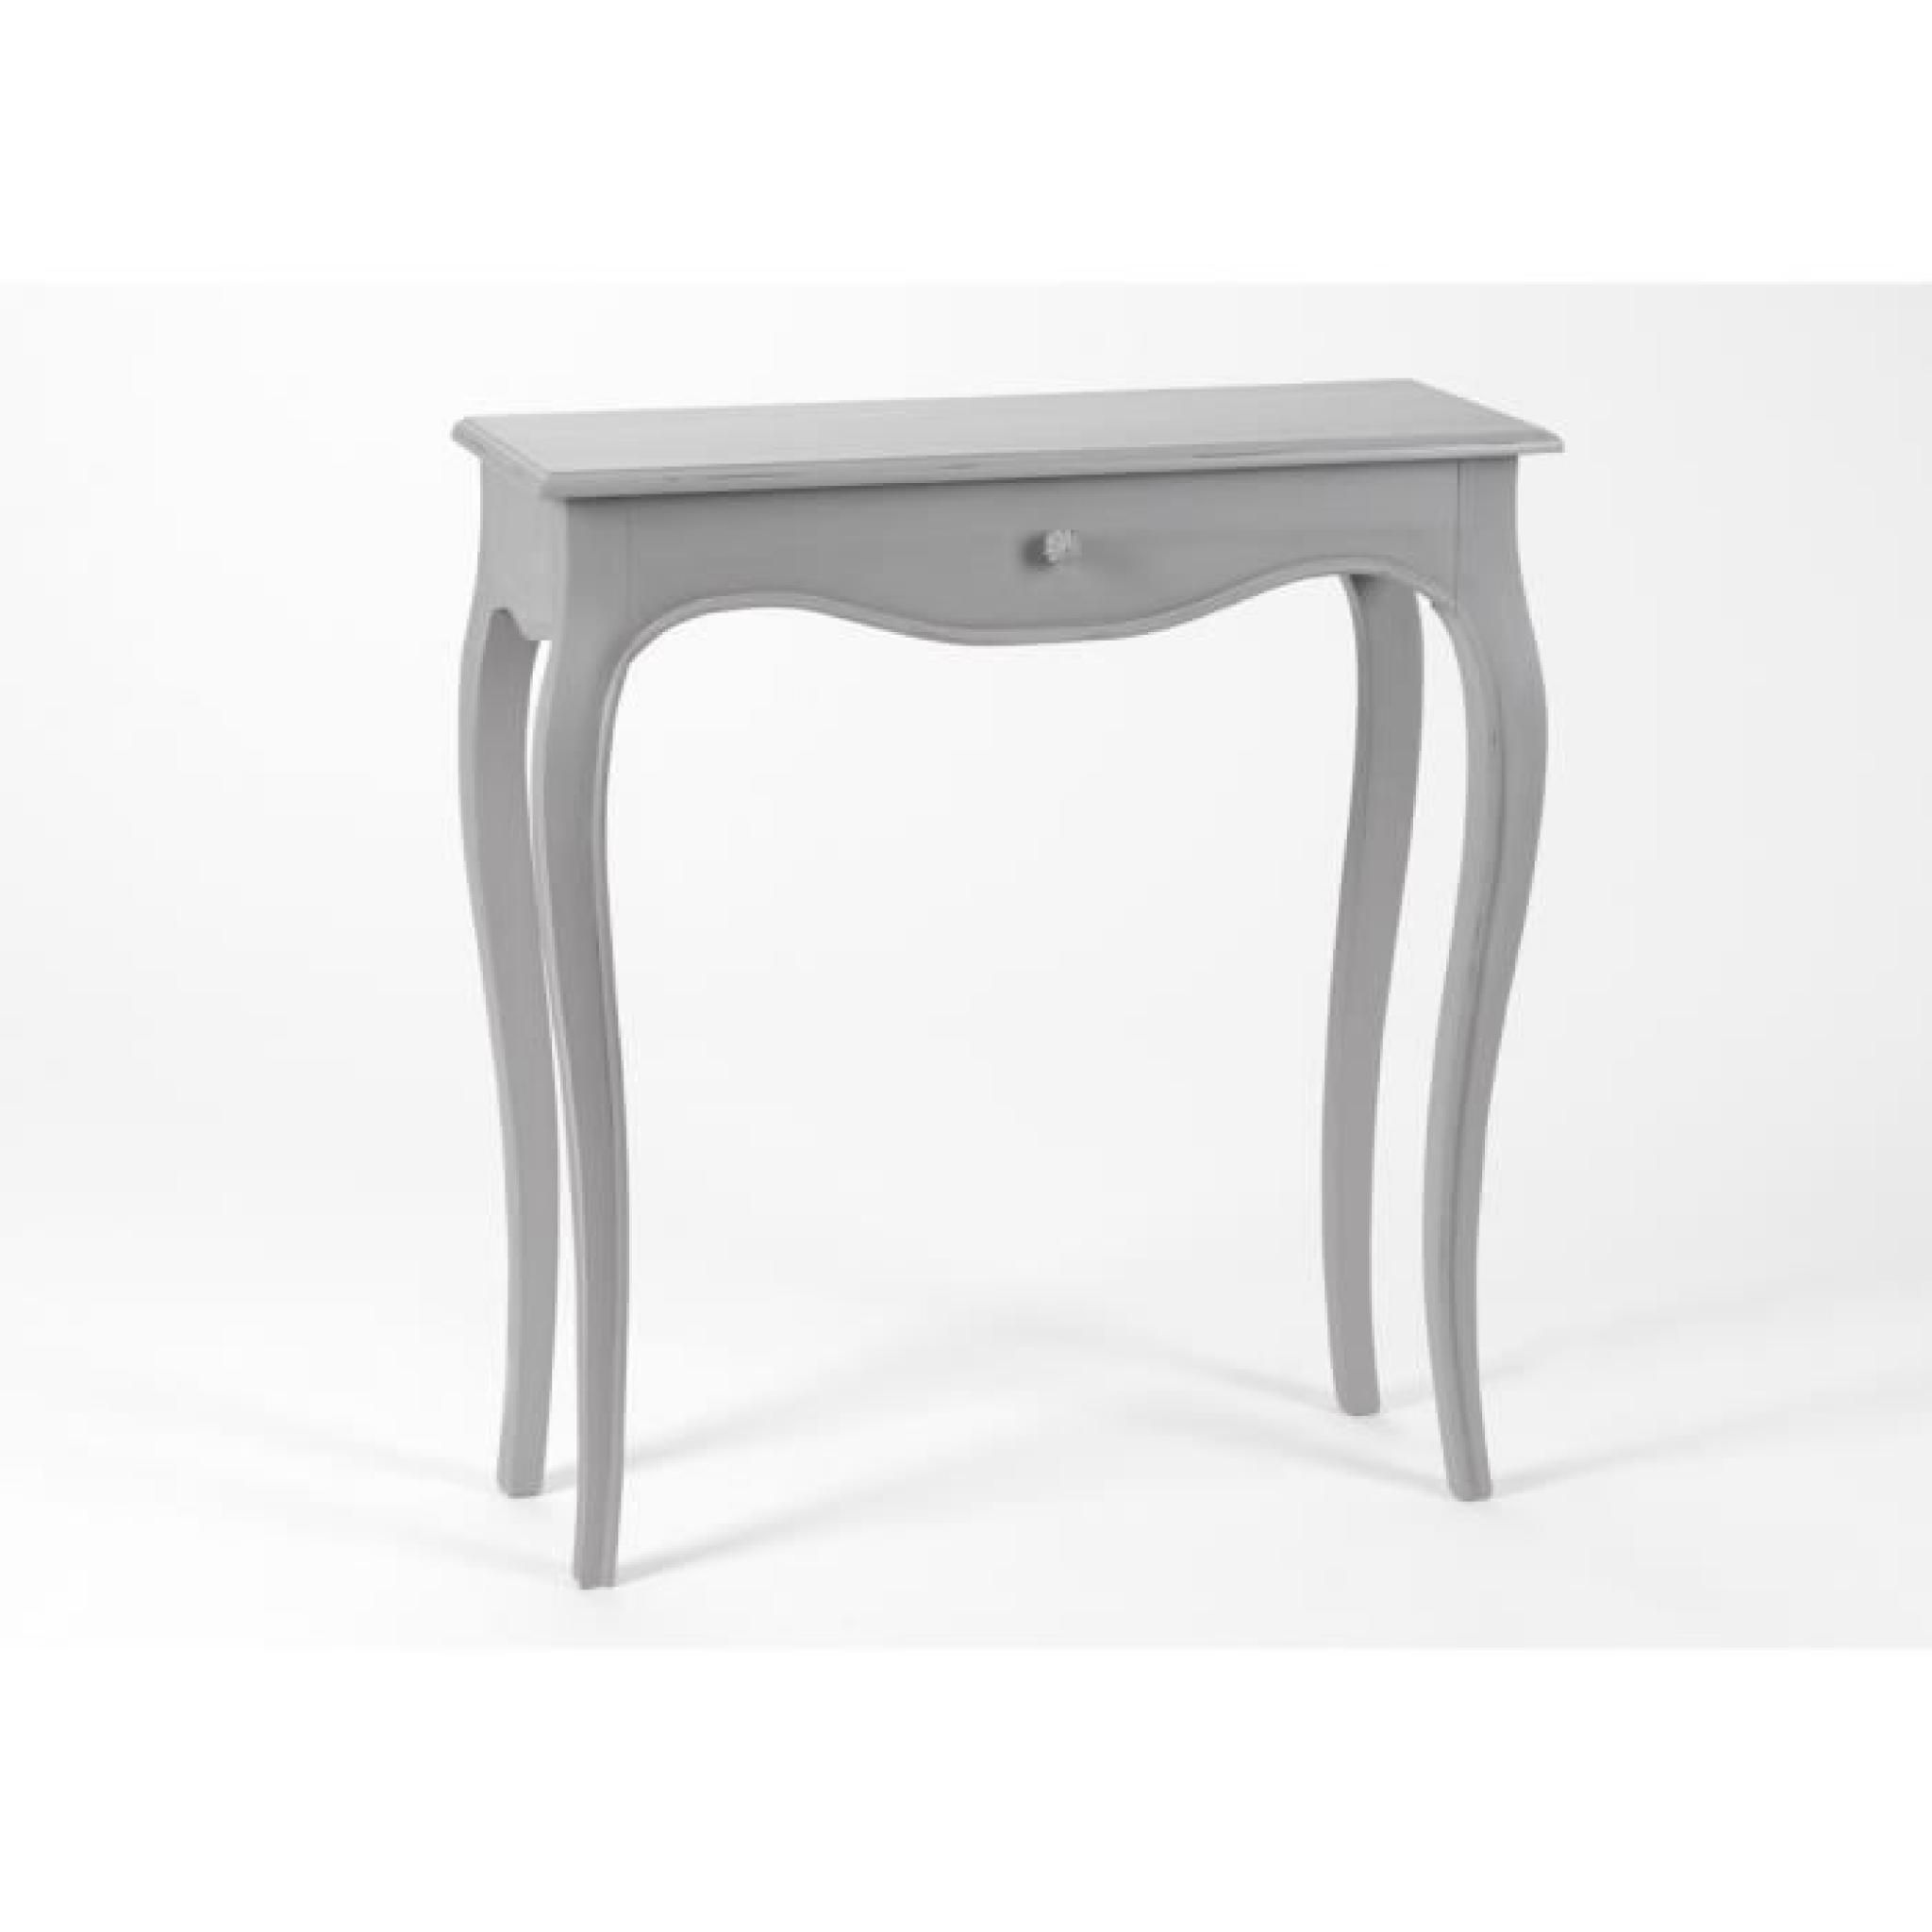 meuble console bois faux tiroir merveille achat vente. Black Bedroom Furniture Sets. Home Design Ideas